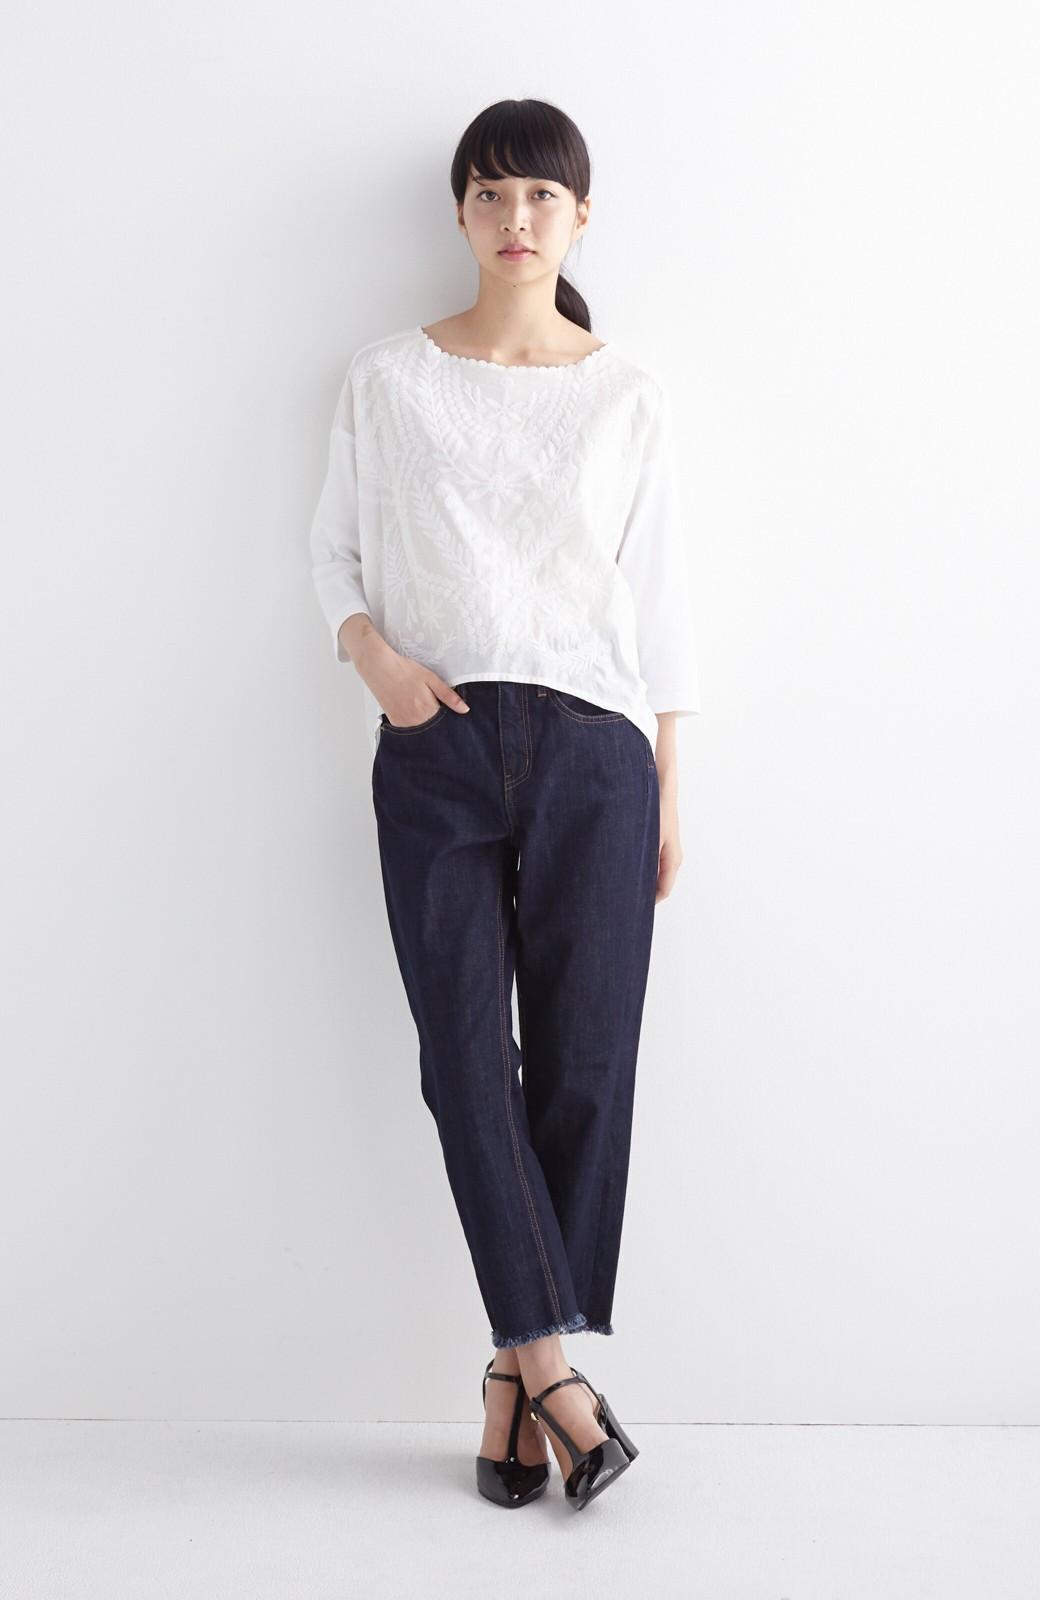 エムトロワ こう見えて動きやすい、袖だけカットソーの華やか刺しゅうブラウス <ホワイト>の商品写真6